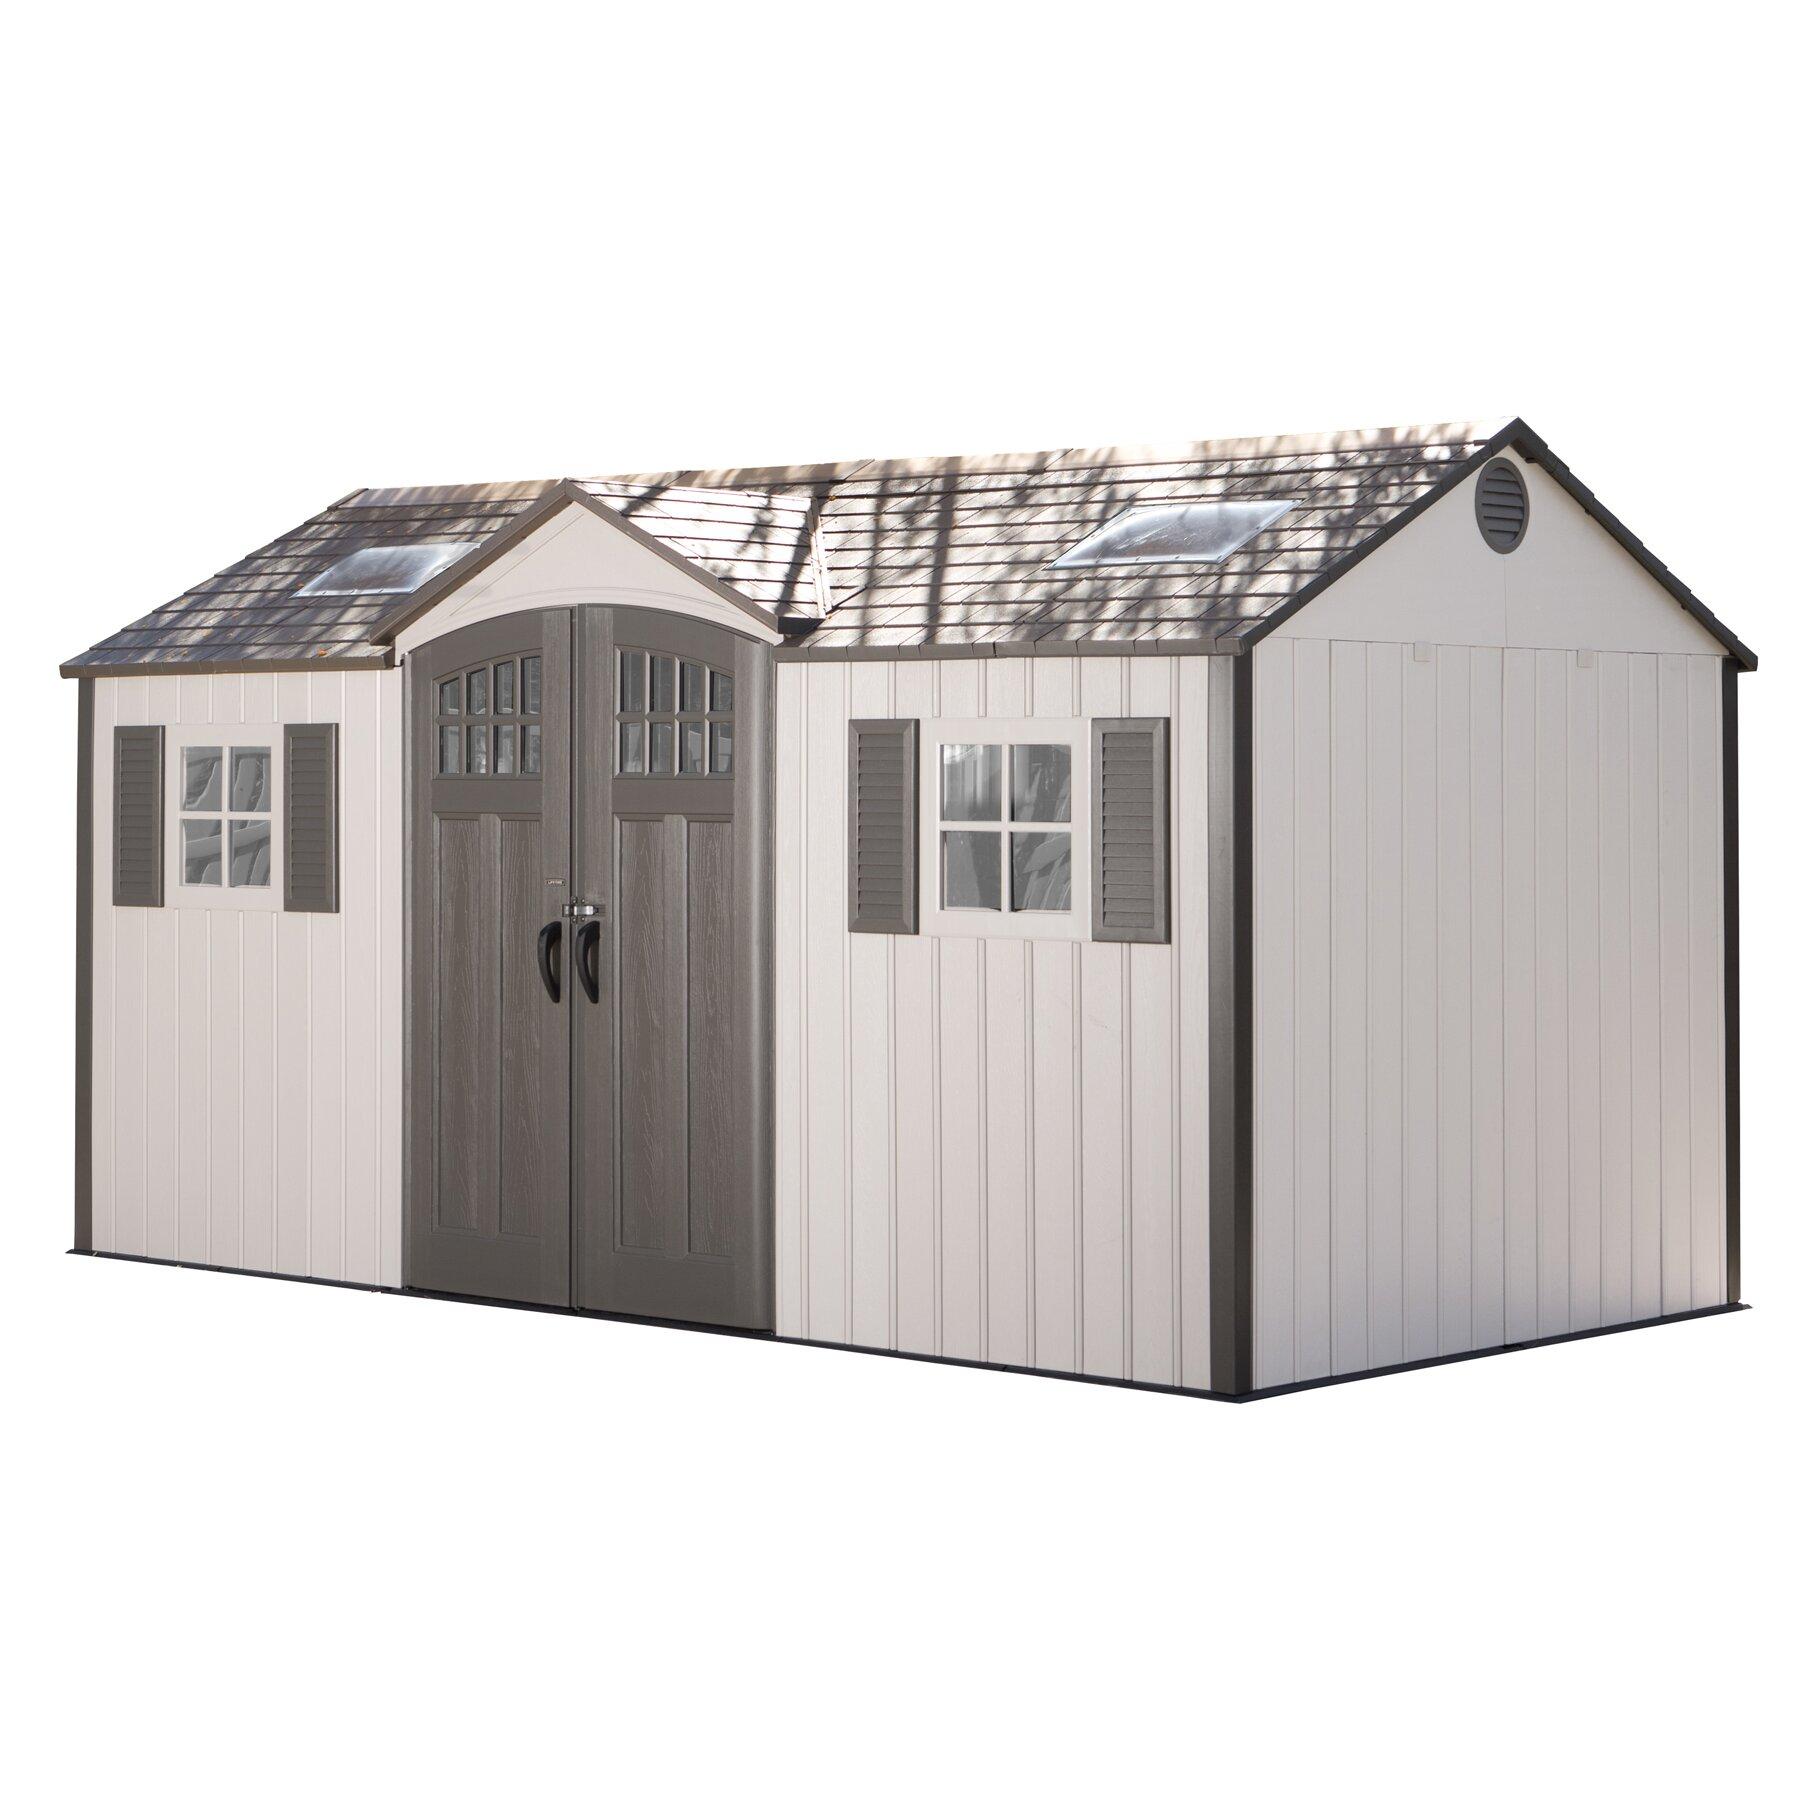 Lifetime 15 ft w x 8 ft d garden shed wayfair - Garden sheds x ...